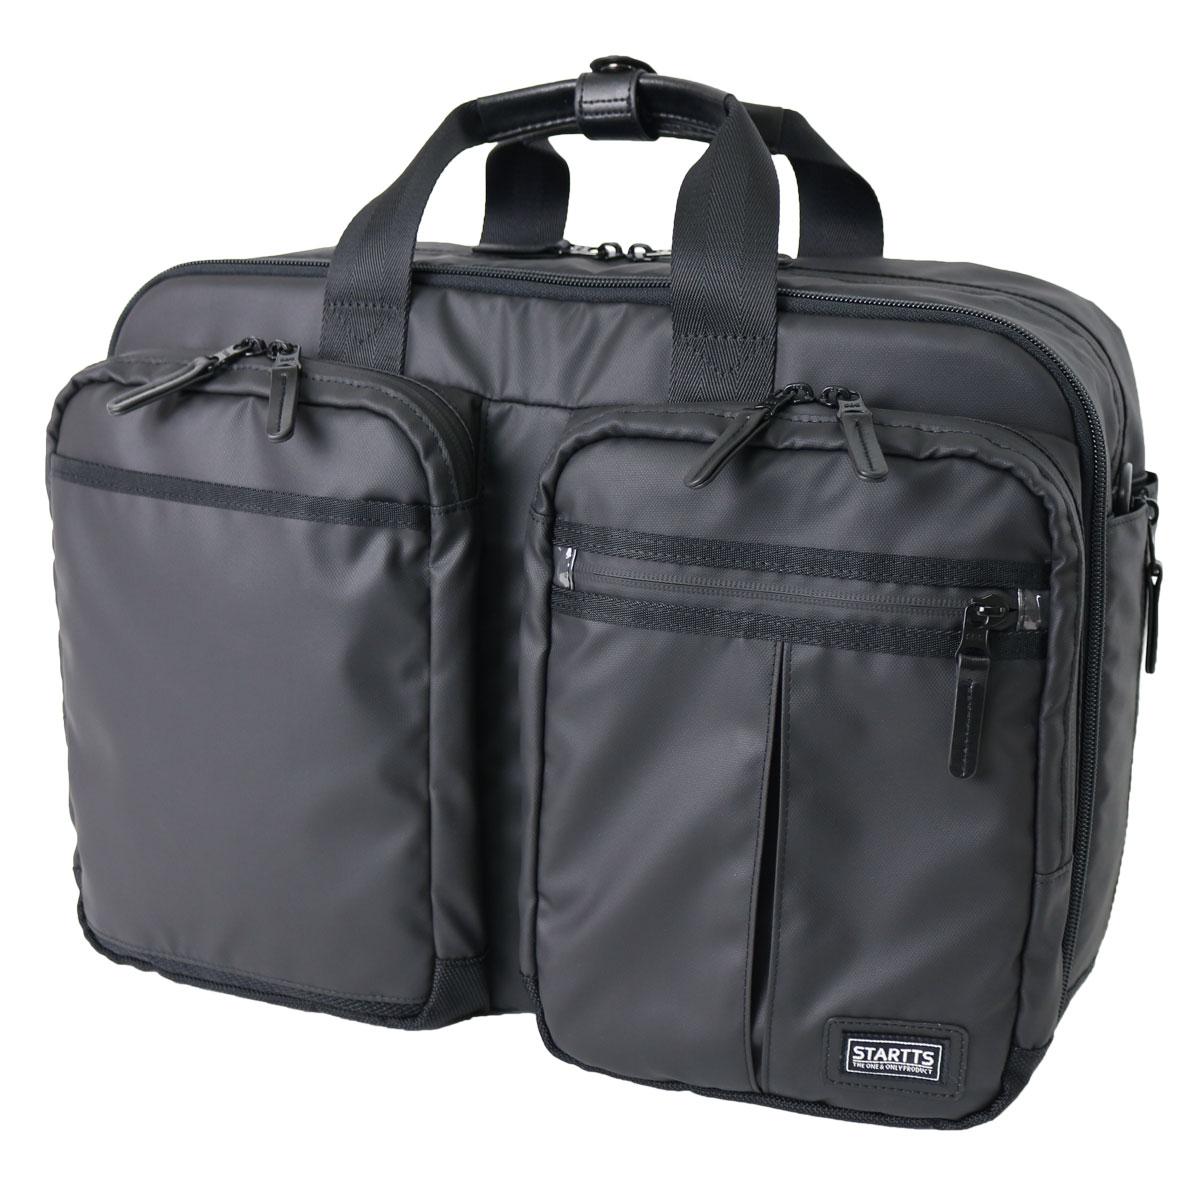 3WAY ビジネスバッグ RLビジネス3WAY拡張セットアップ横型 スーツケースにセット+拡張機能も同時に搭載 RL-LIGHT RL-41 ビジネスリュック ブリーフケース